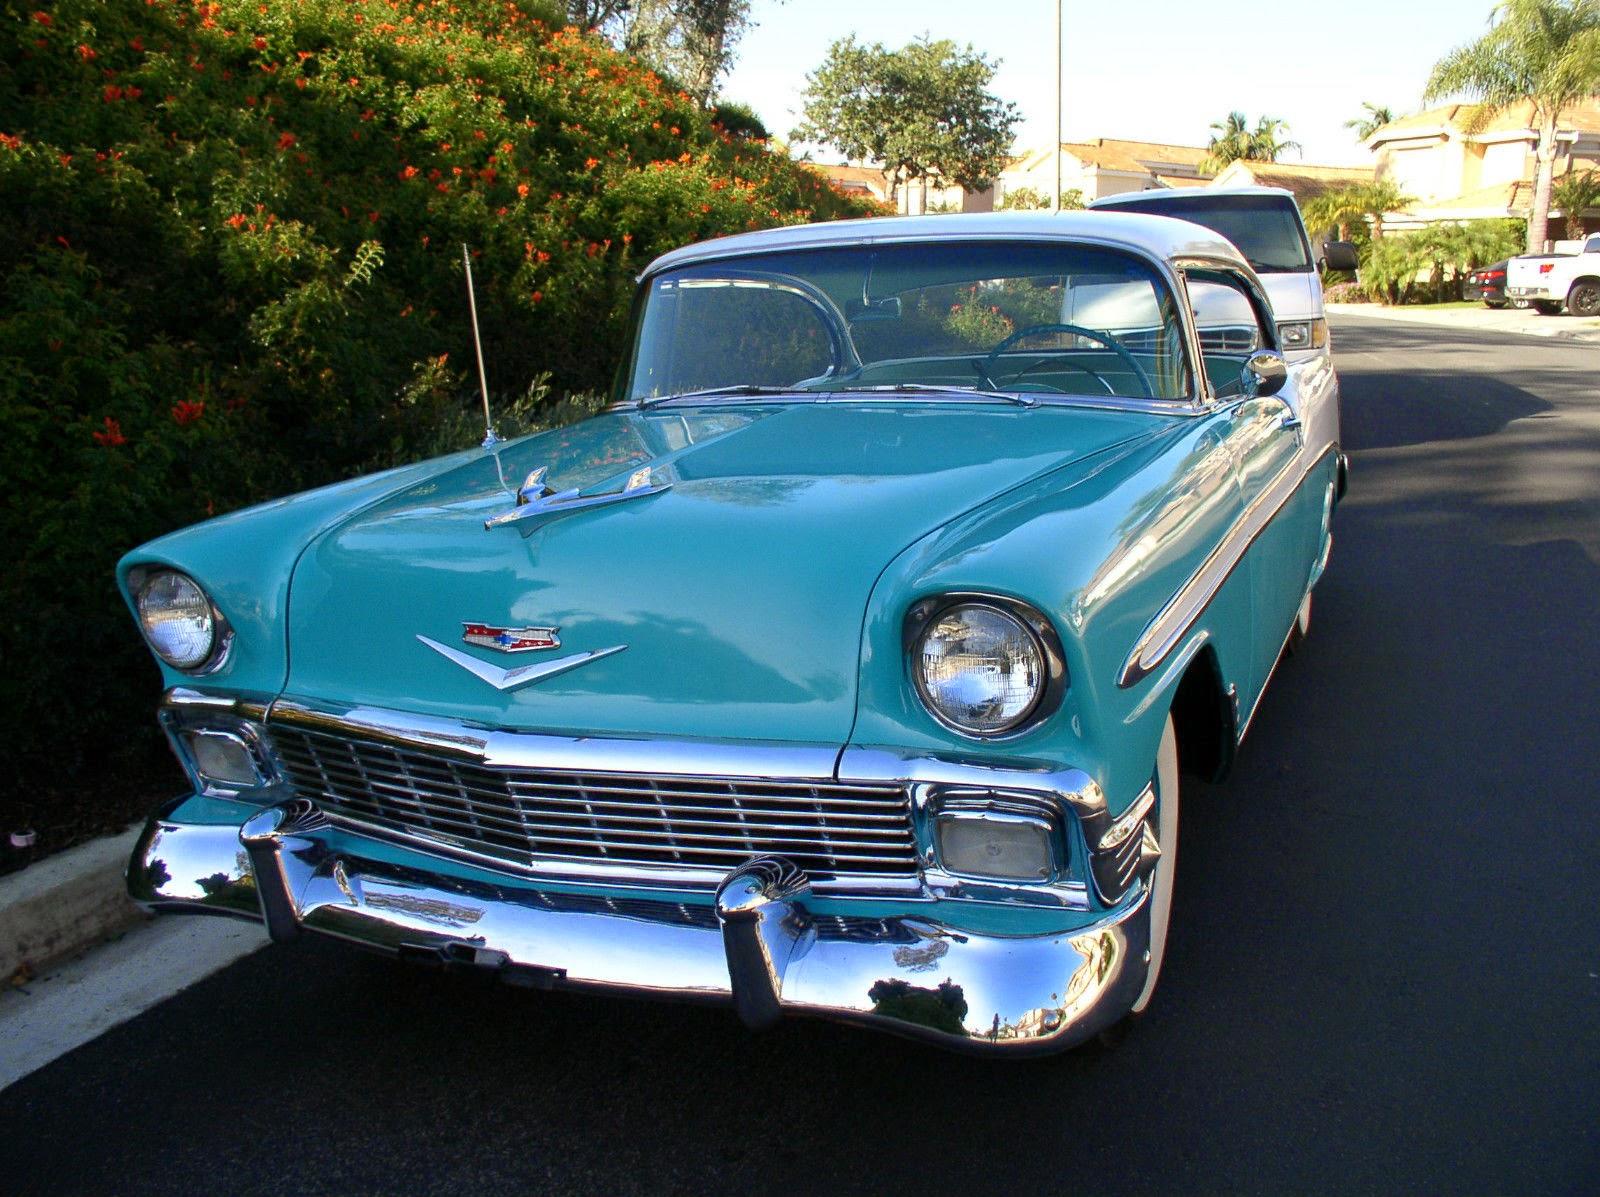 All american classic cars 1956 chevrolet bel air 2 door for 1956 chevy belair 4 door hardtop for sale